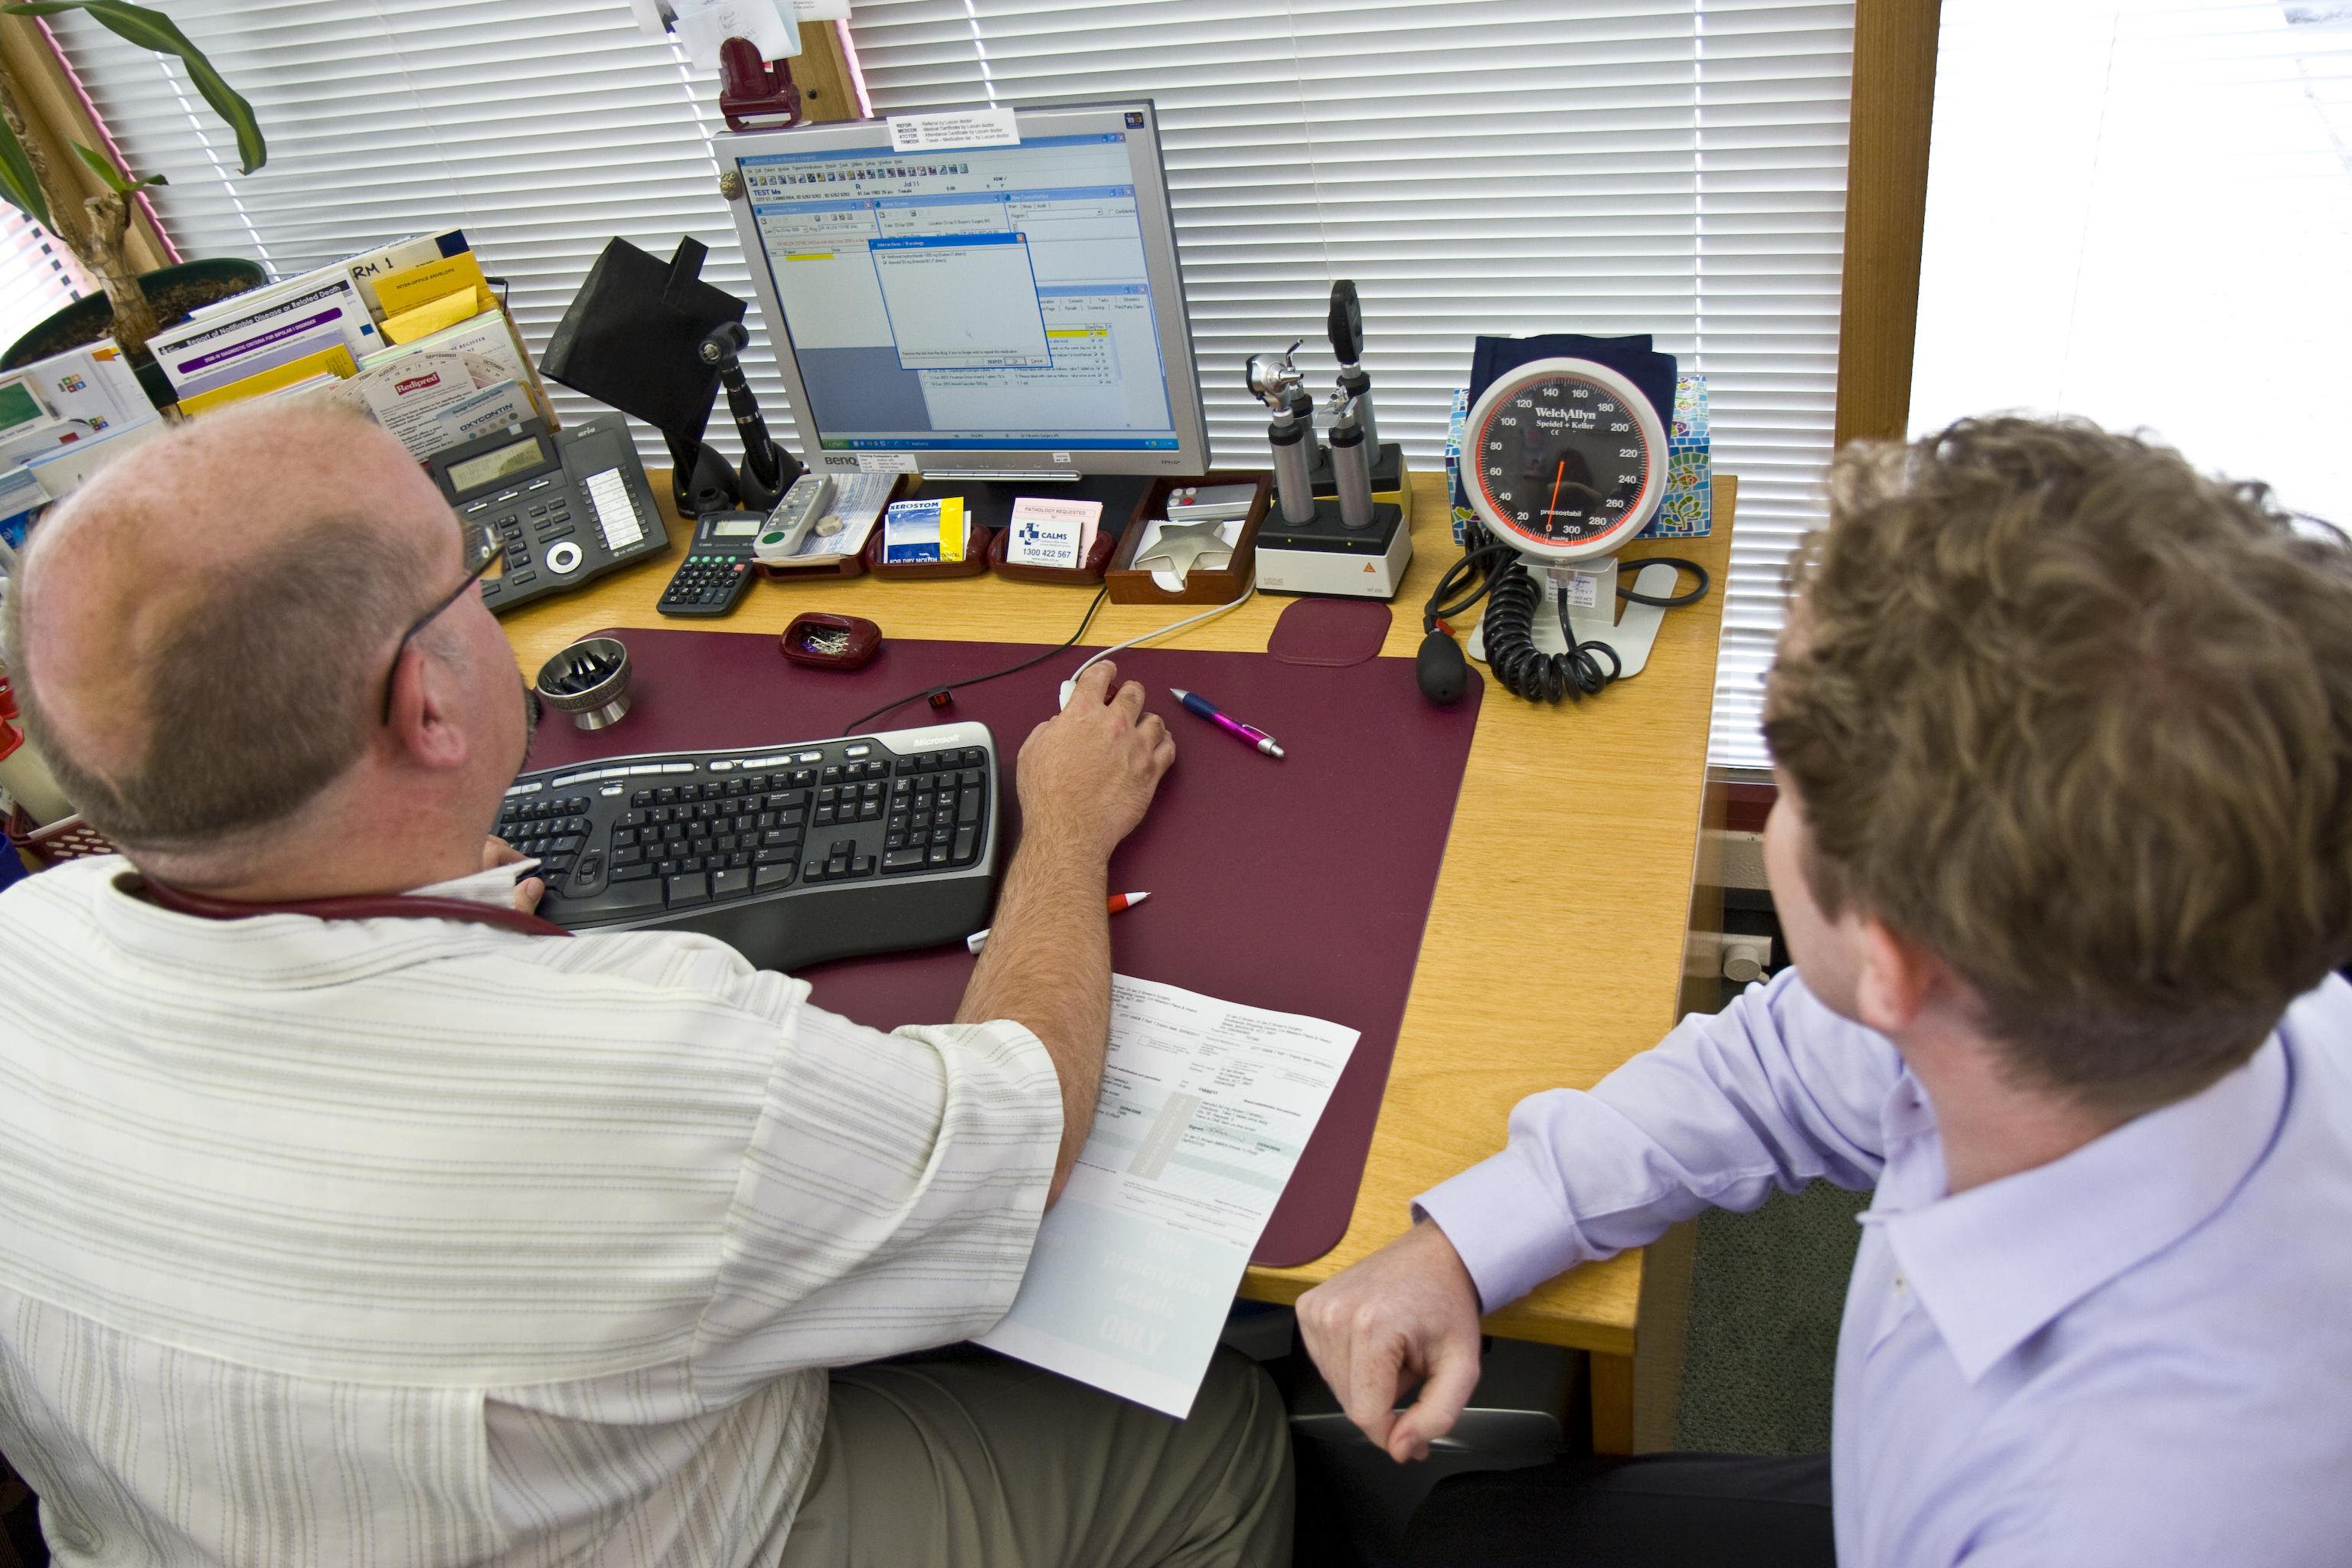 11739_gpusingcomputer.jpg